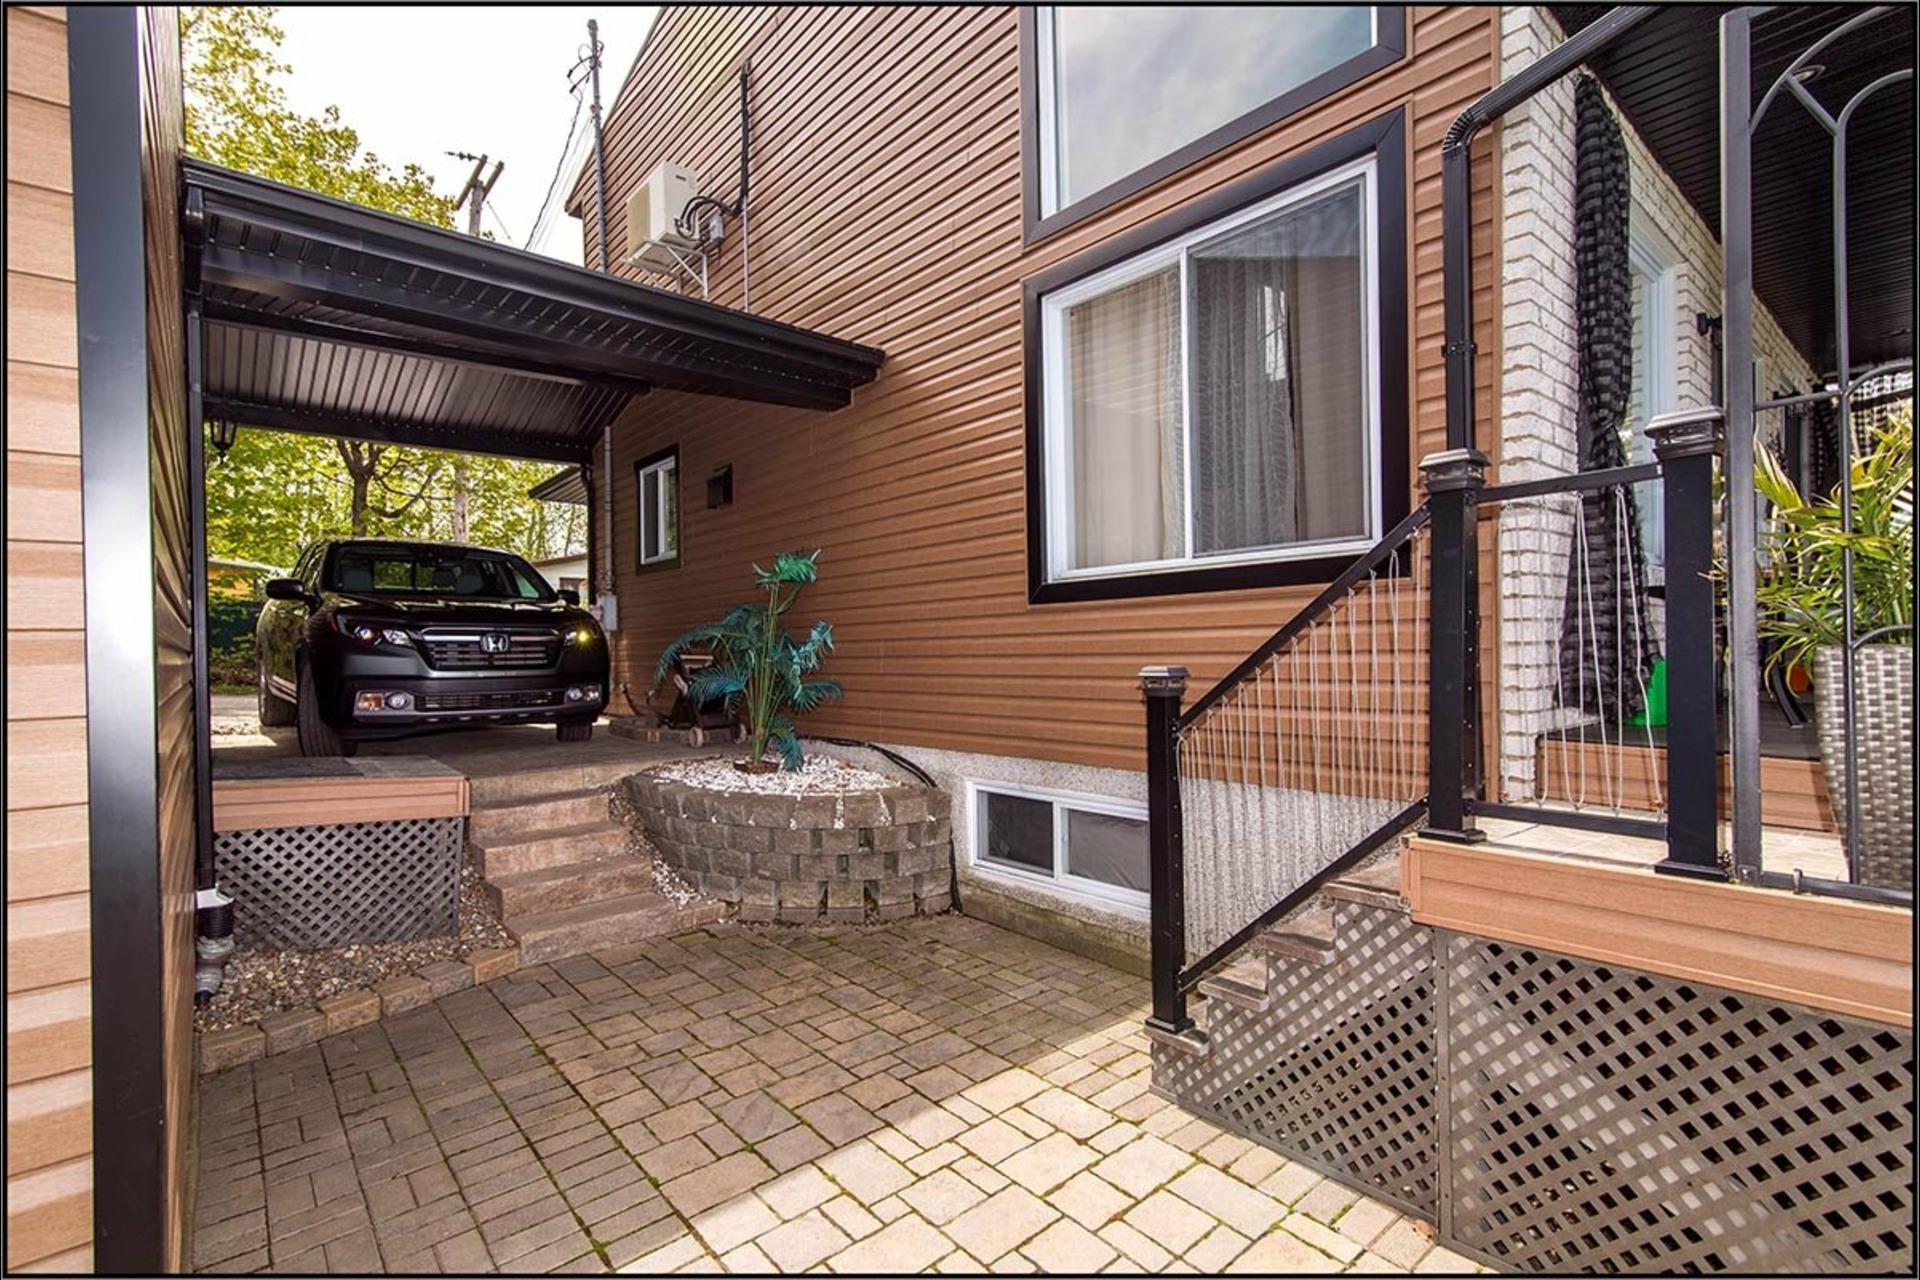 image 29 - Maison À vendre Sainte-Foy/Sillery/Cap-Rouge Québec  - 13 pièces